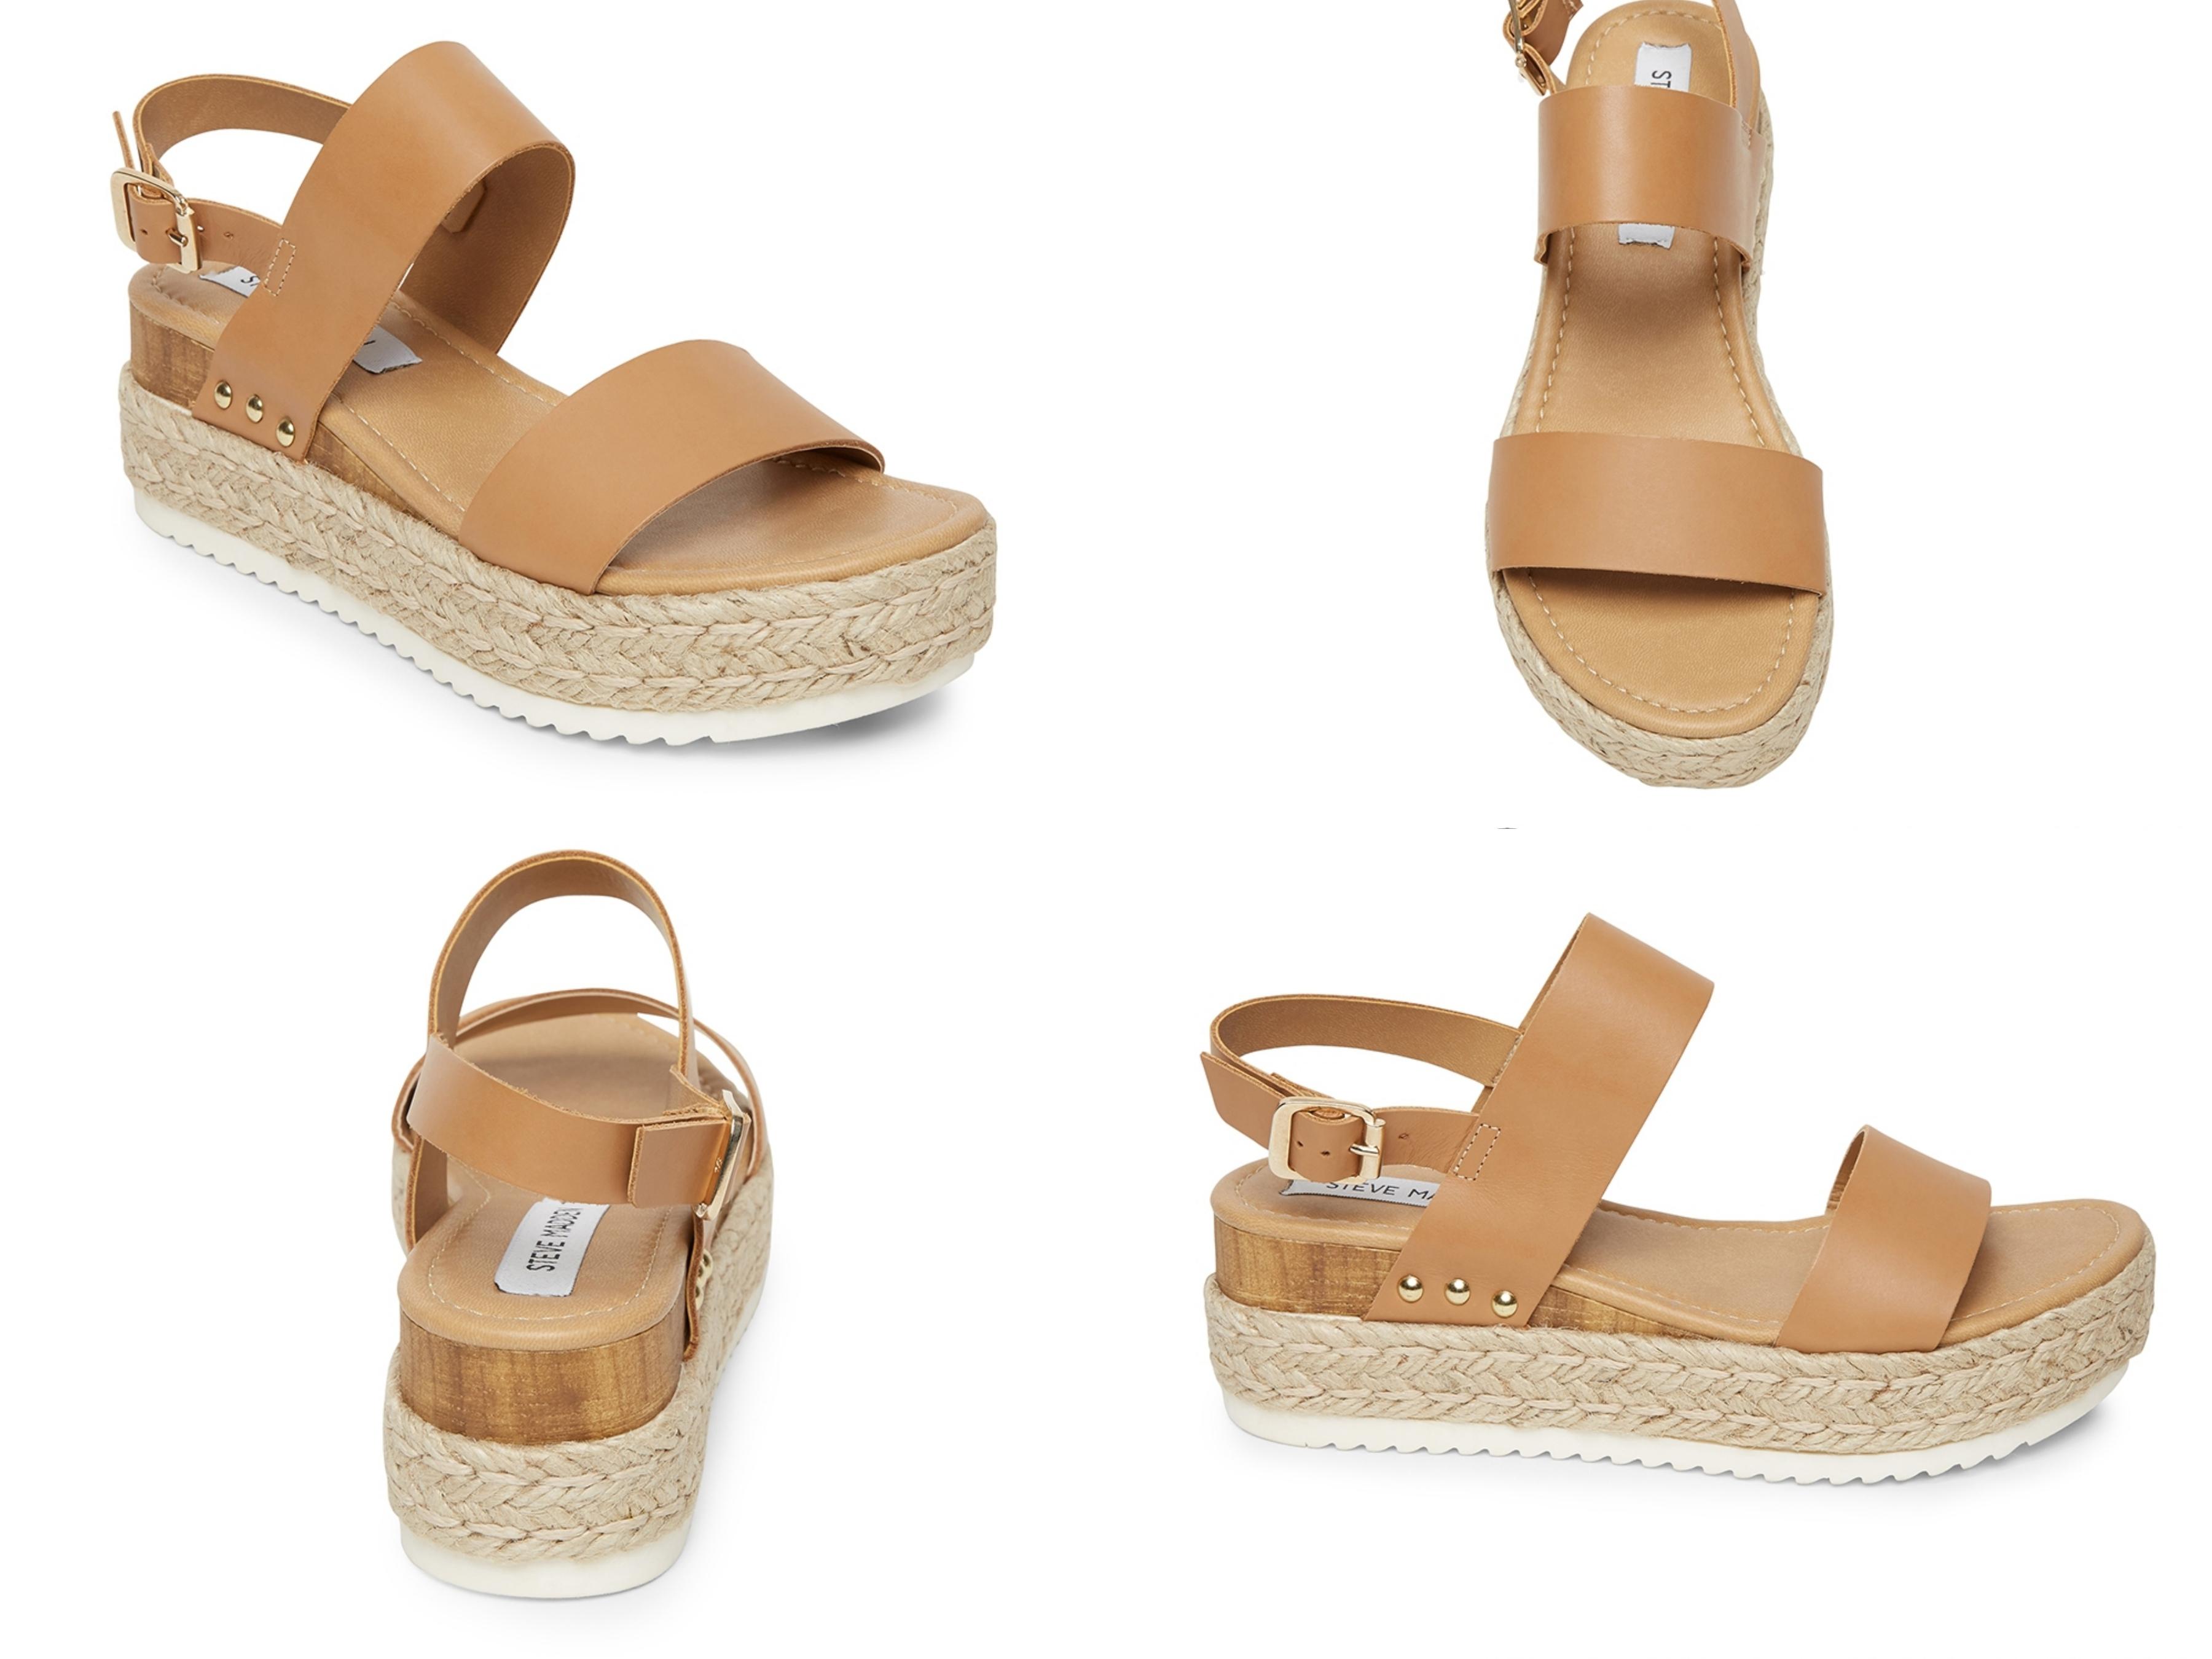 經典簡約外觀設計,鞋面以及舒適透氣的麻編鞋身